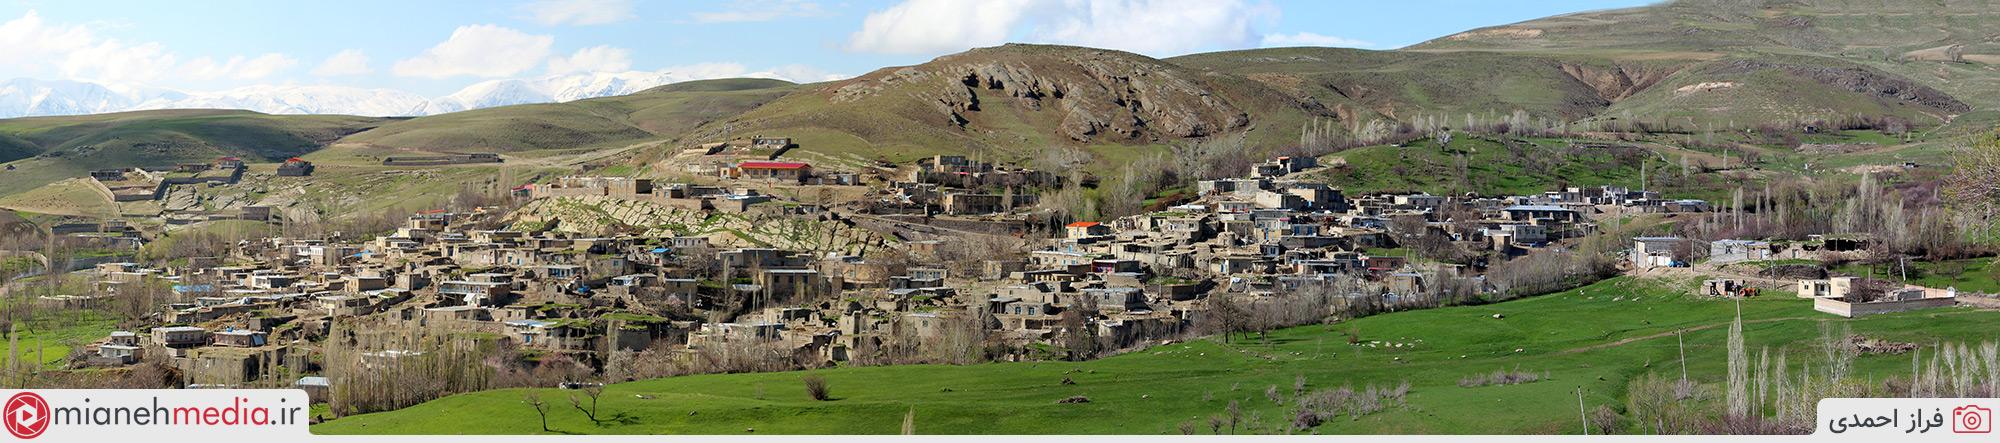 روستای خوبستان (هاواستان)